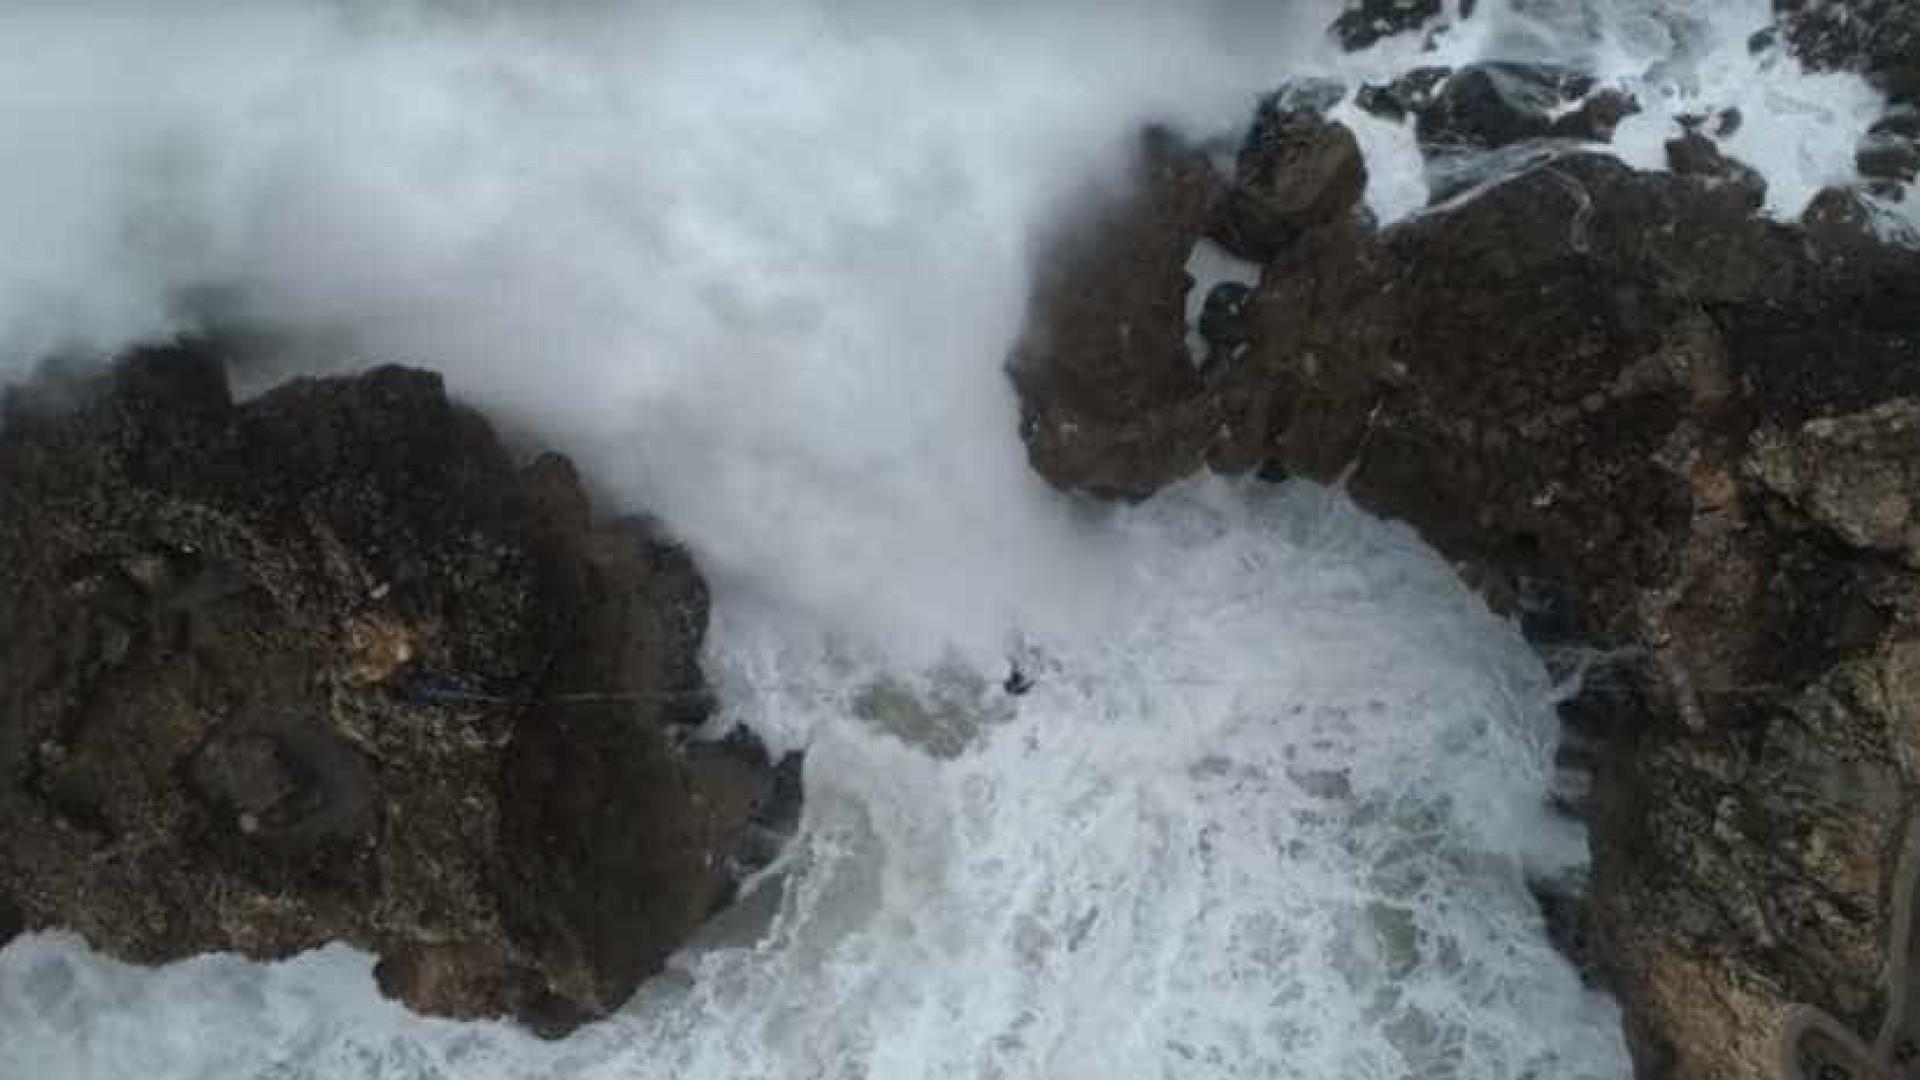 Estendeu cabo entre penhascos e passou por cima das ondas da Nazaré